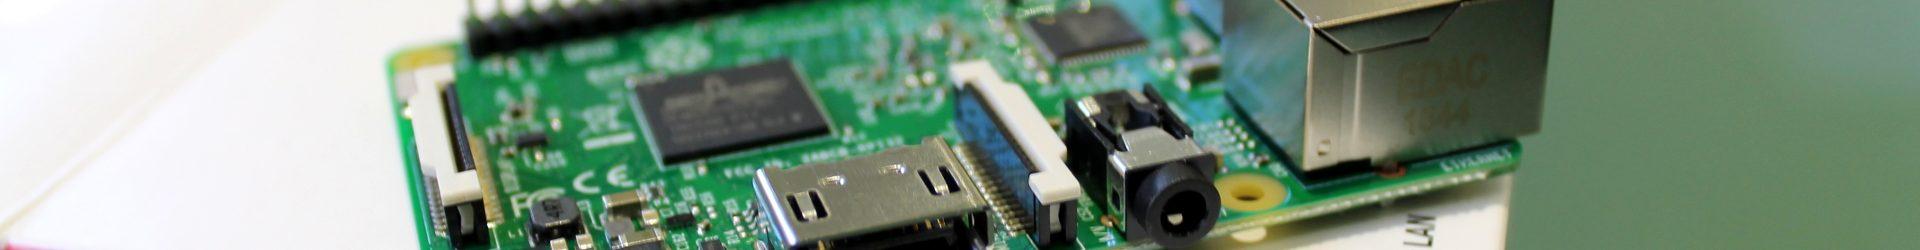 Come installare e configurare Raspberry Pi con Raspbian